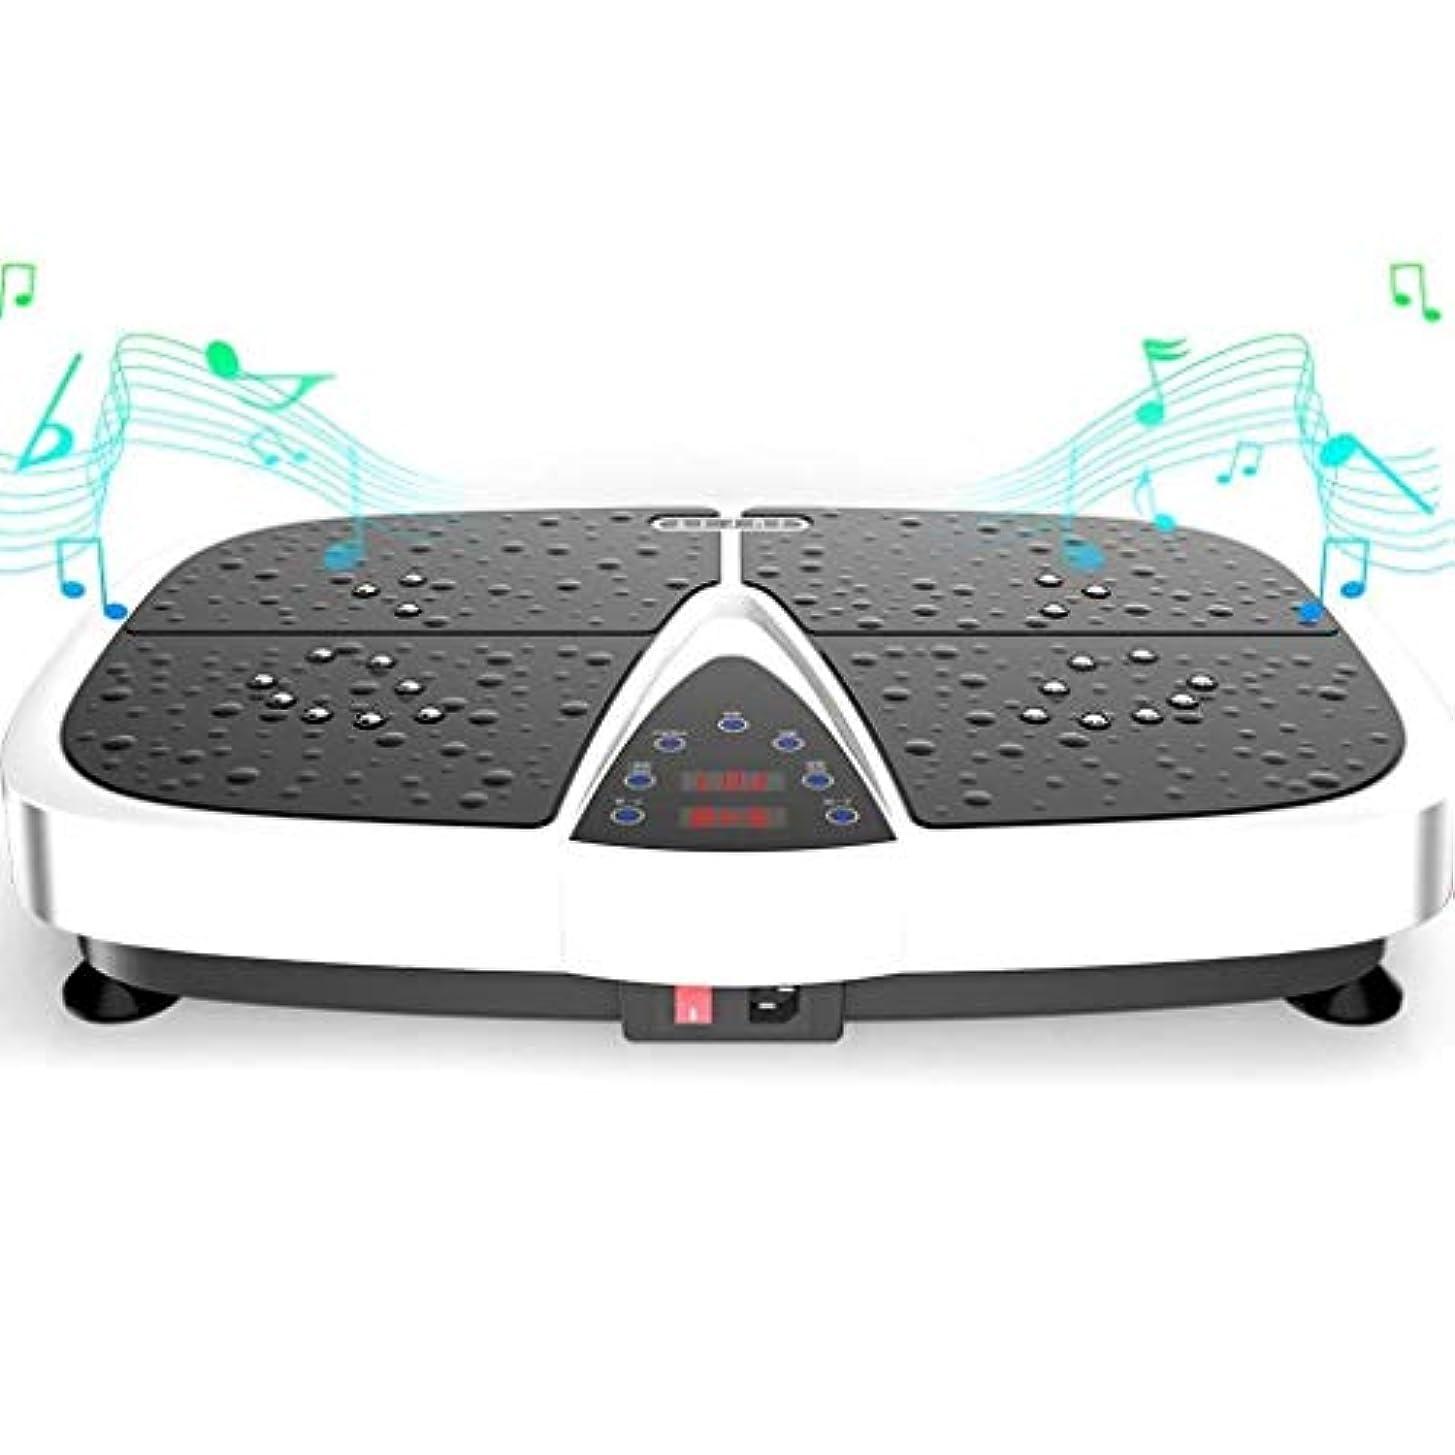 スパイ注文少なくとも減量機、スポーツ衝撃吸収フィットネスモデル減量機、Bluetooth音楽スピーカーとリモートコントロール、ユニセックス振動板、家族/ジムに適しています (Color : 白)